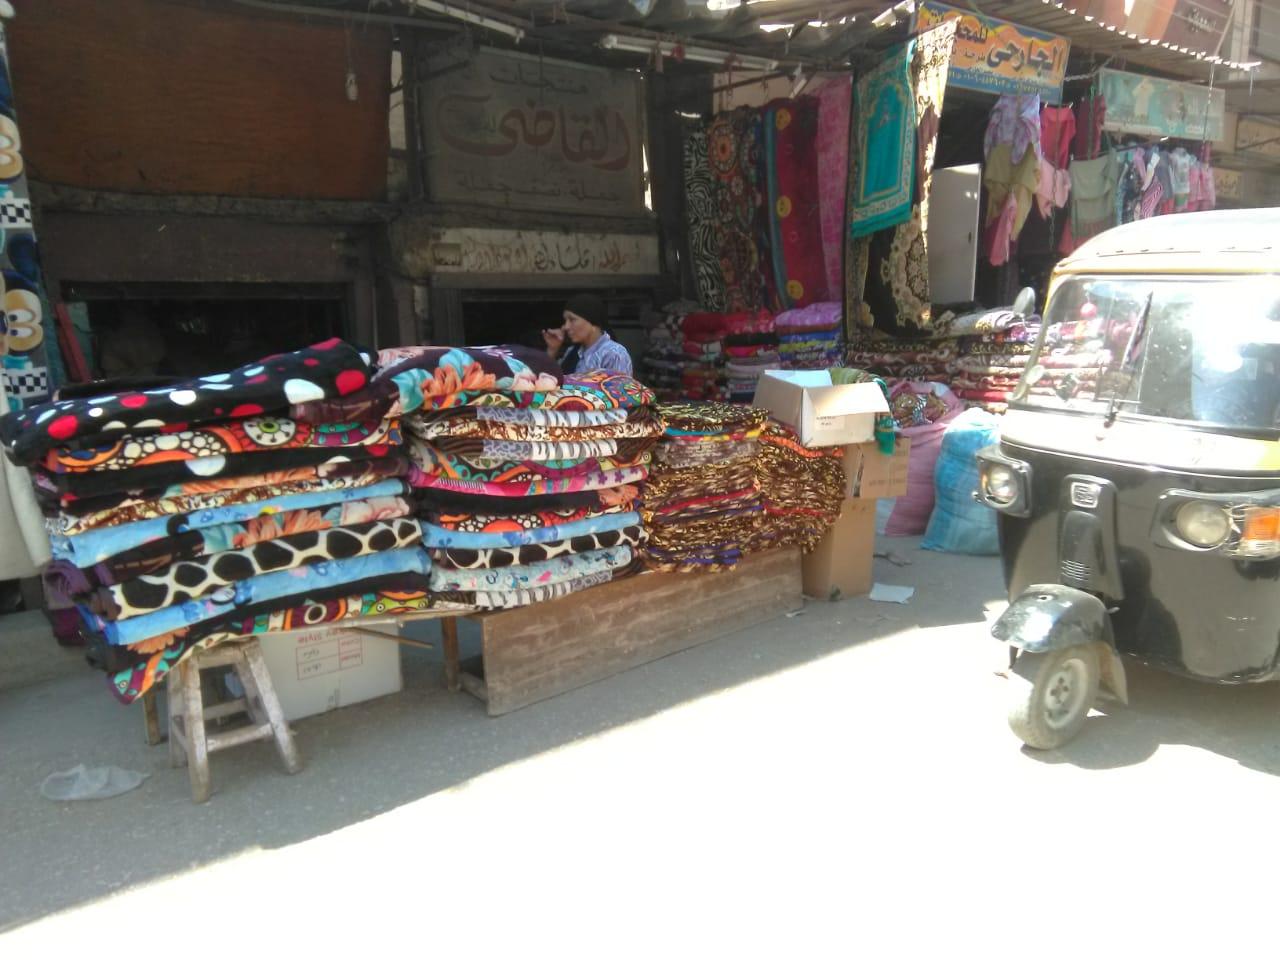 46c5d48a6b1a1 صور.. سوق الثلاثاء بالمحلة قبلة الغنى والفقير لشراء مستلزمات البيت ...